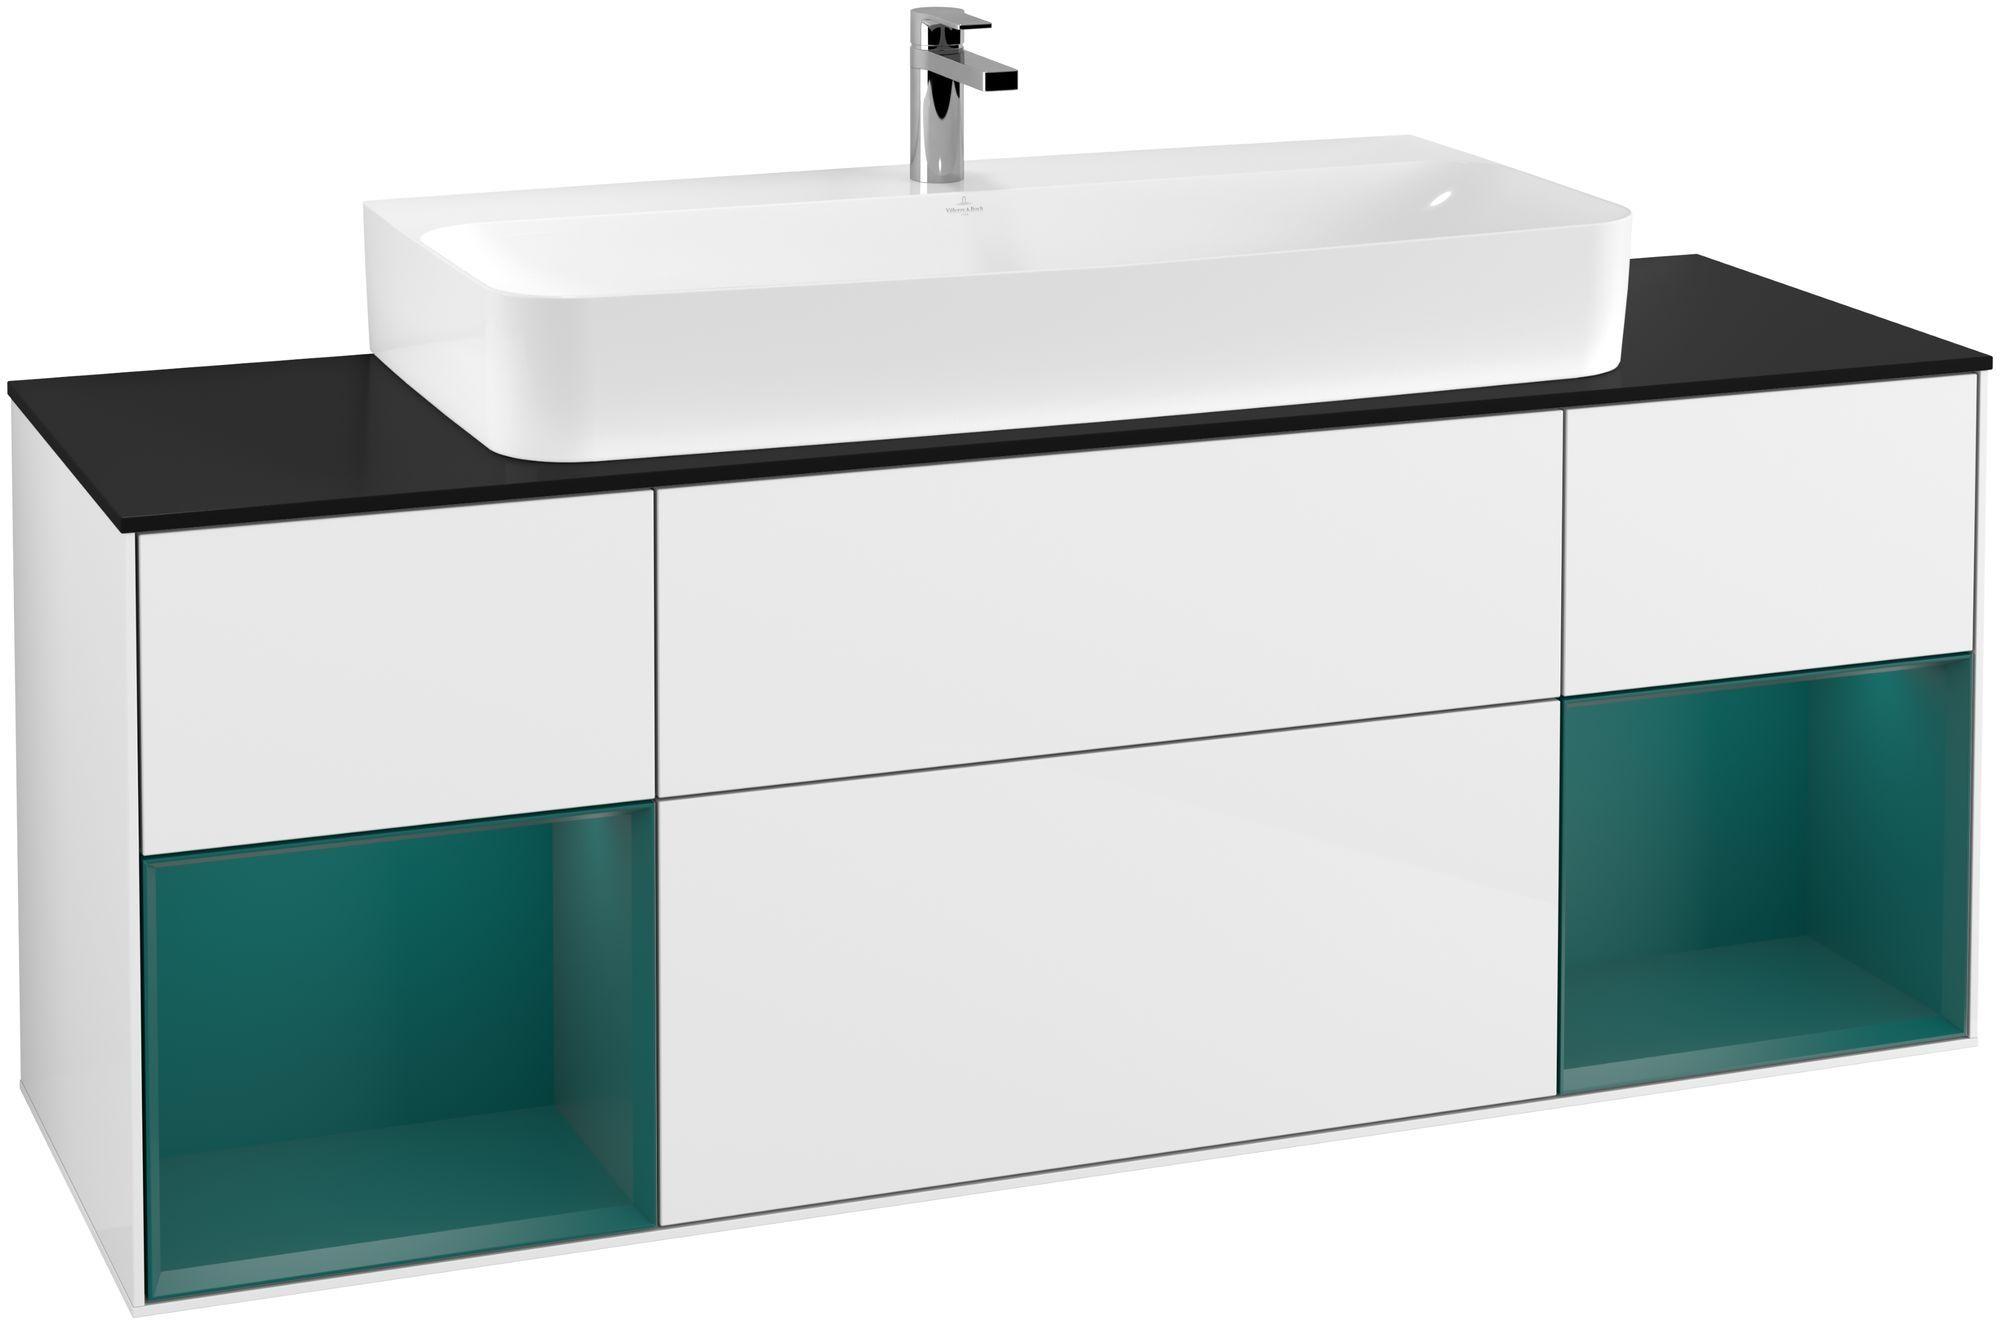 Villeroy & Boch Finion G21 Waschtischunterschrank mit Regalelement 4 Auszüge Waschtisch mittig LED-Beleuchtung B:160xH:60,3xT:50,1cm Front, Korpus: Glossy White Lack, Regal: Cedar, Glasplatte: Black Matt G212GSGF